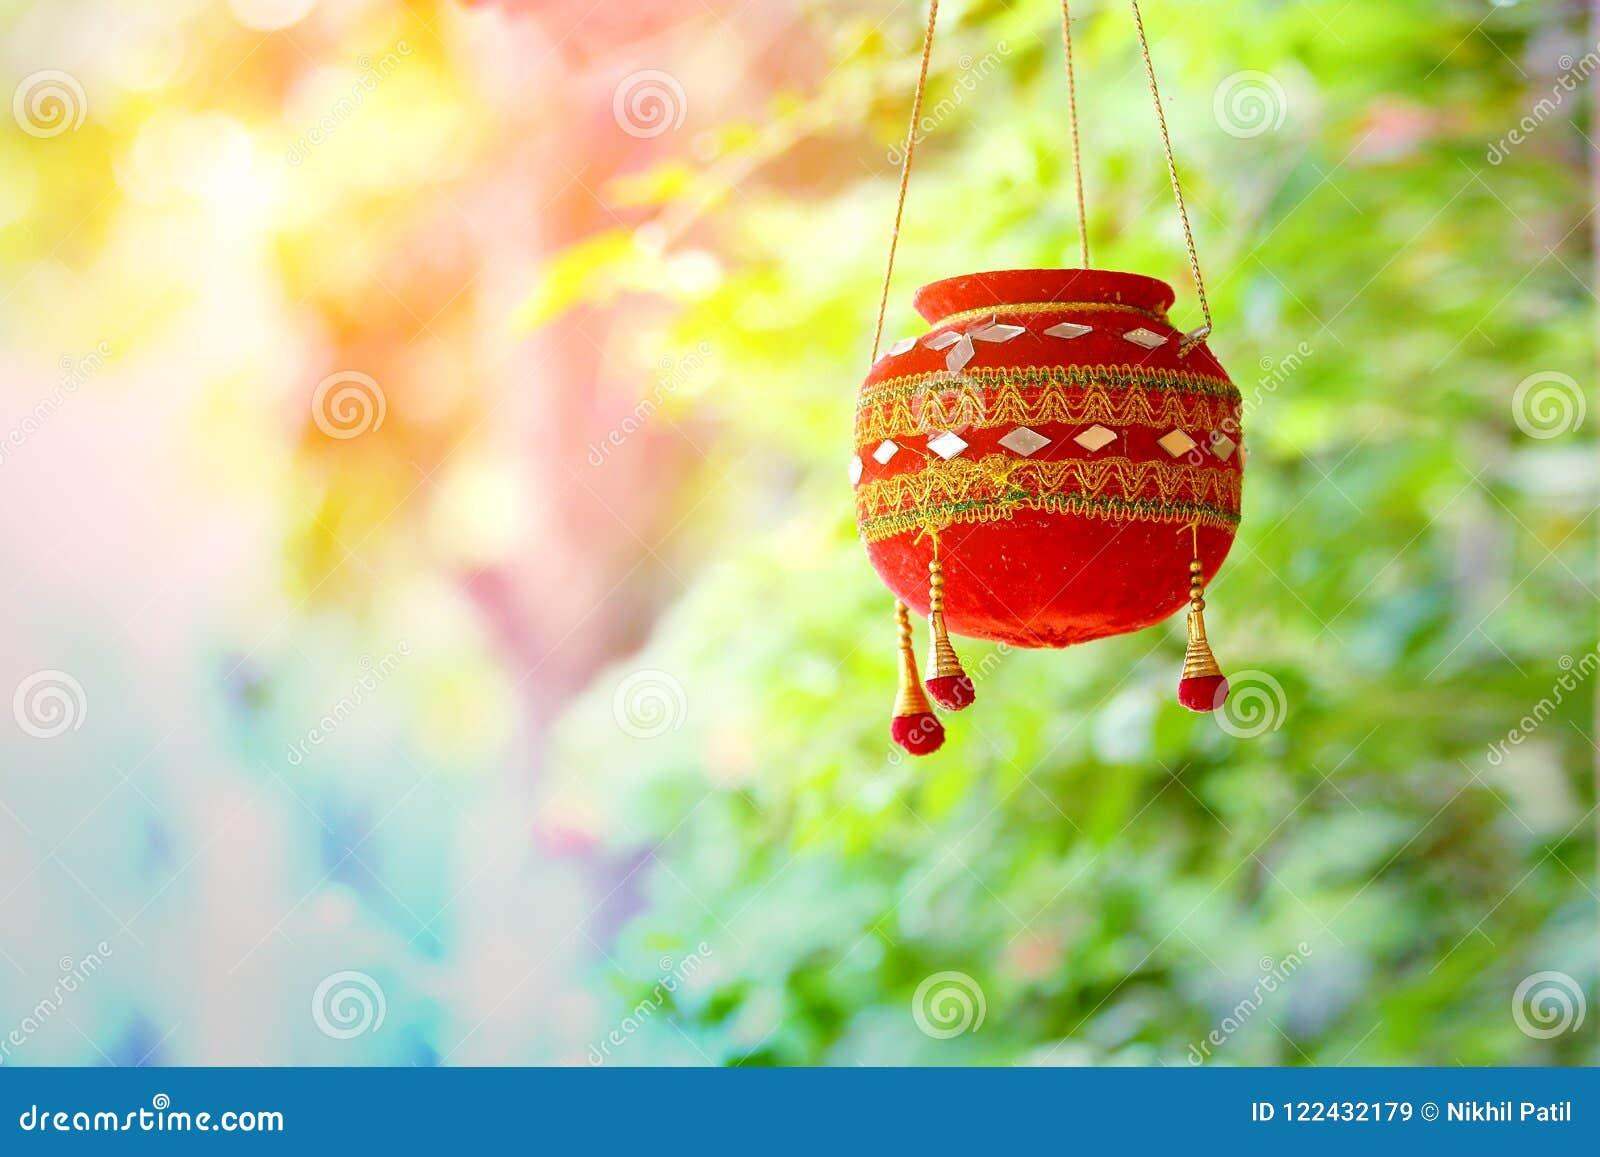 Φωτογραφία dahi HANDI στο φεστιβάλ gokulashtami στην Ινδία, η οποία είναι ημέρα γέννησης Λόρδου Shri Krishna ` s